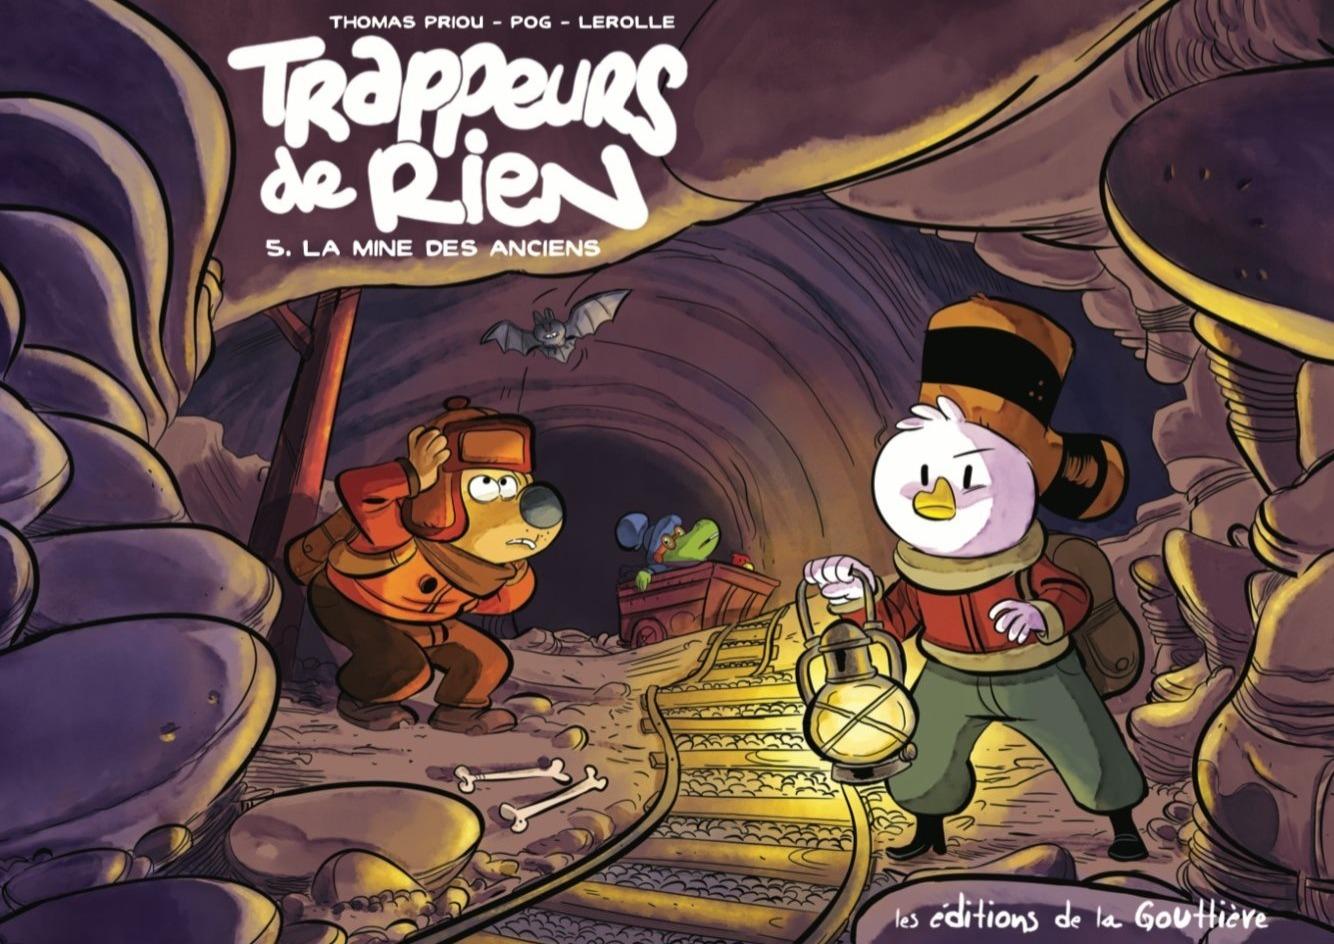 Trappeurs de Rien - 5